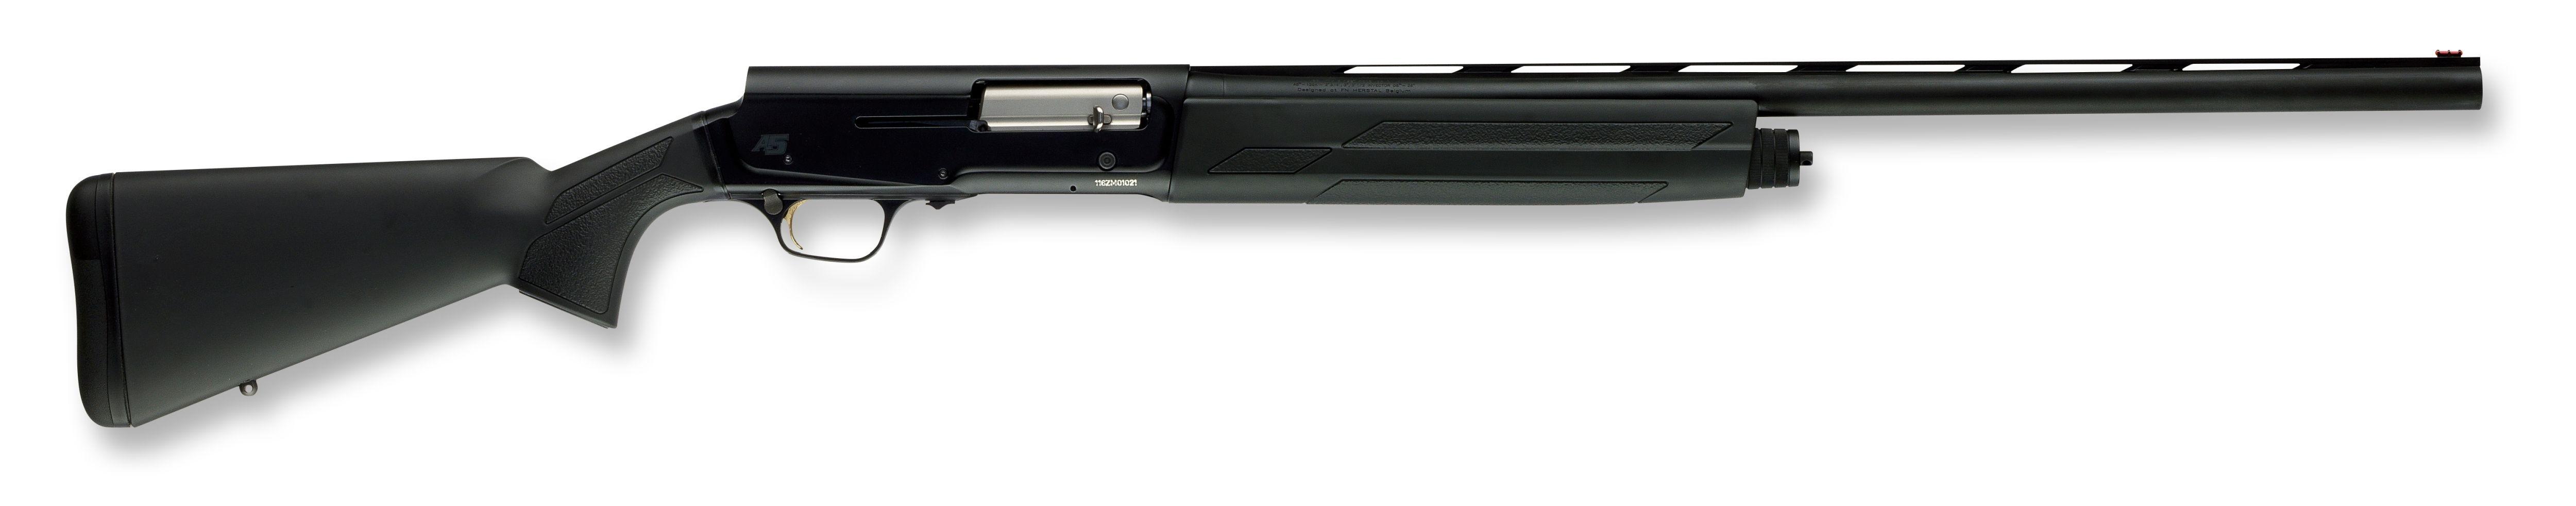 Browning A5 Stalker